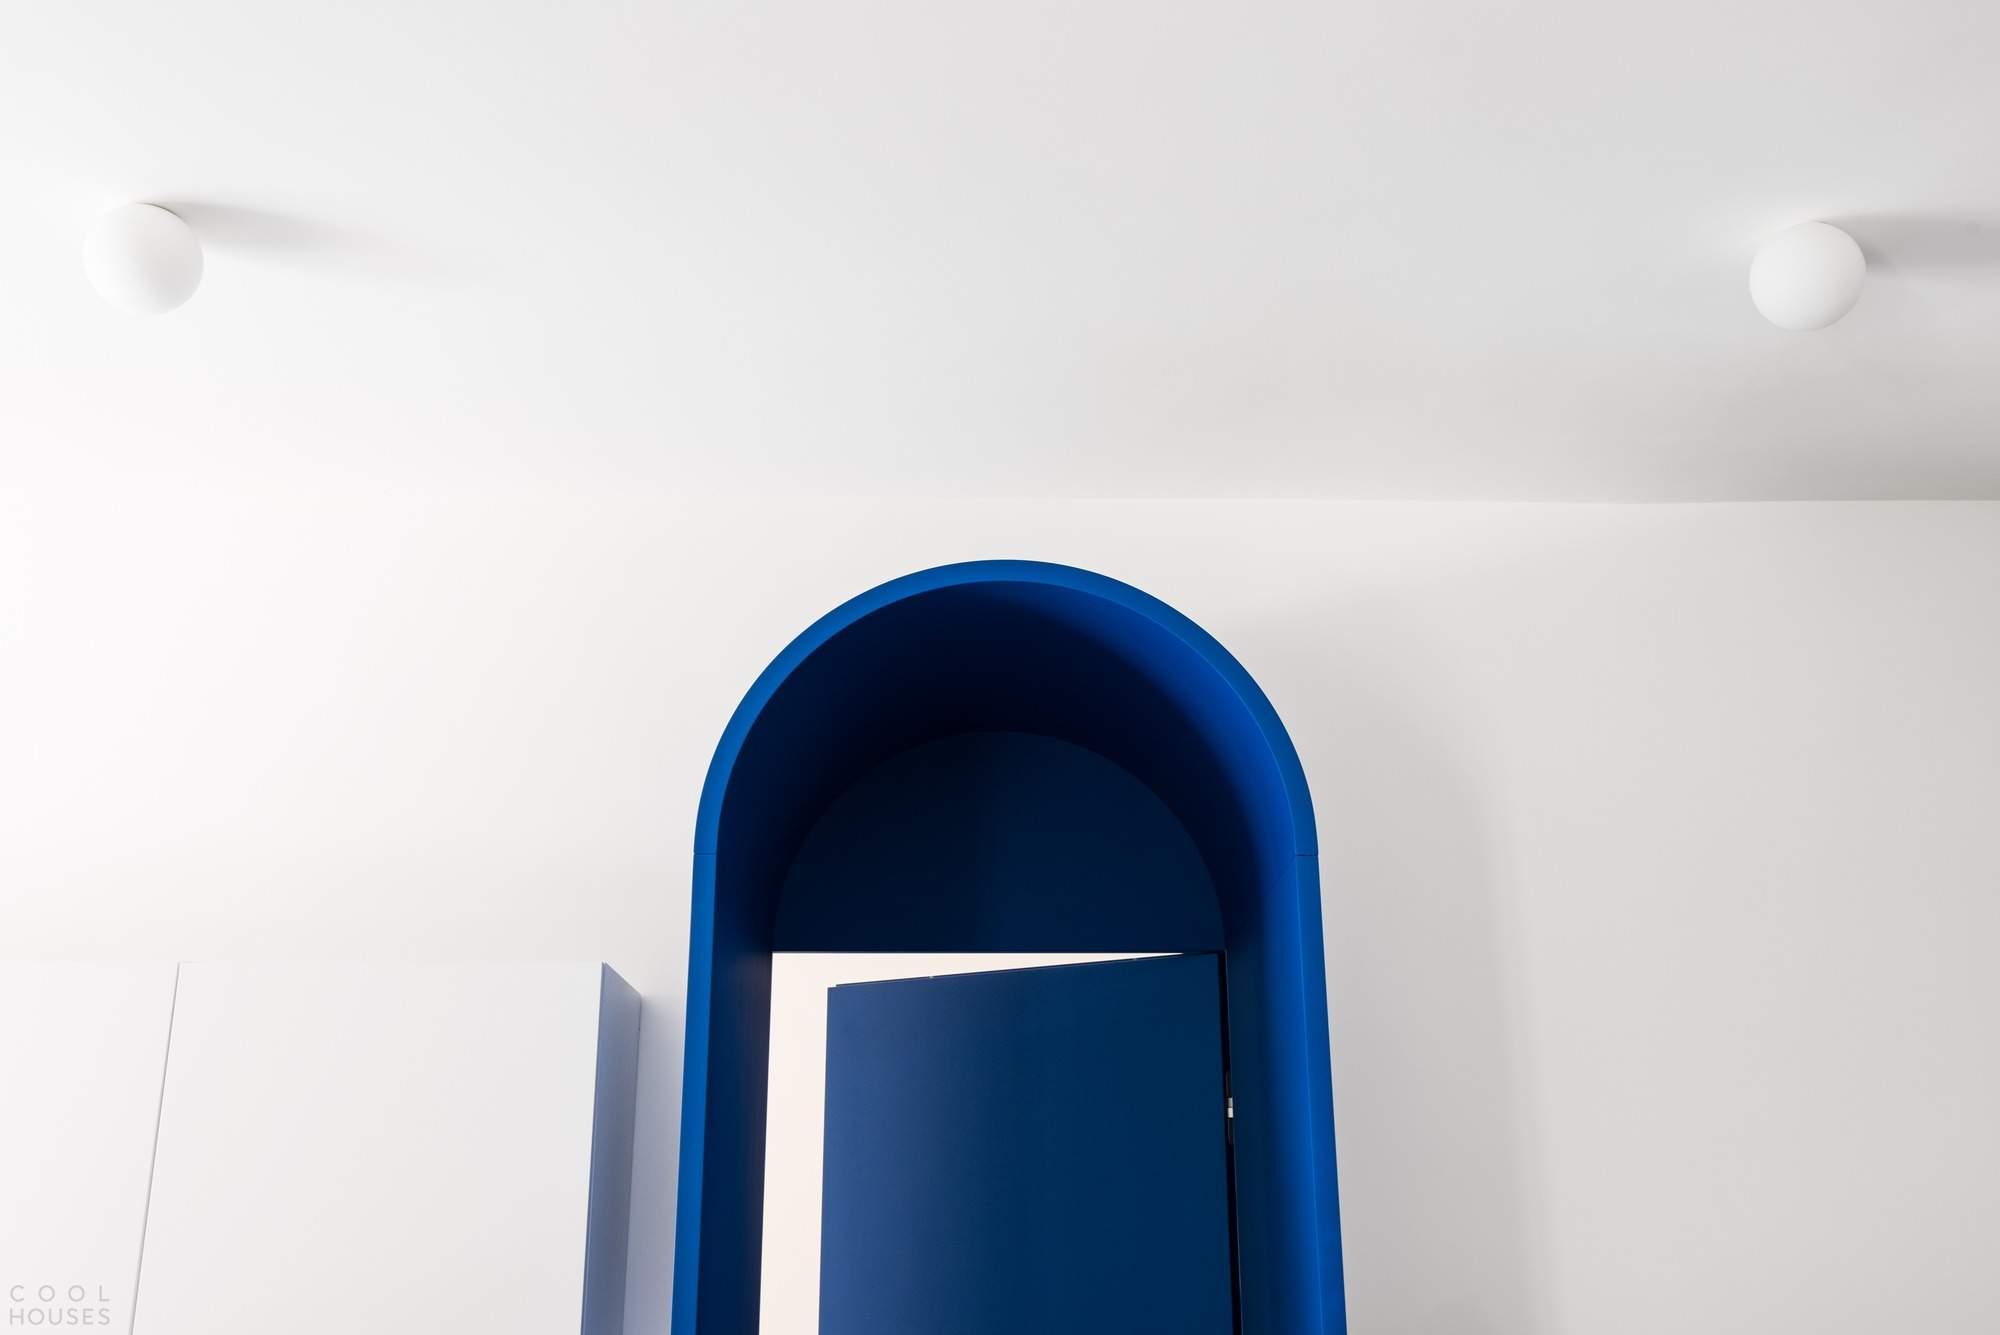 Квартира с сюрреалистическим характером, Италия